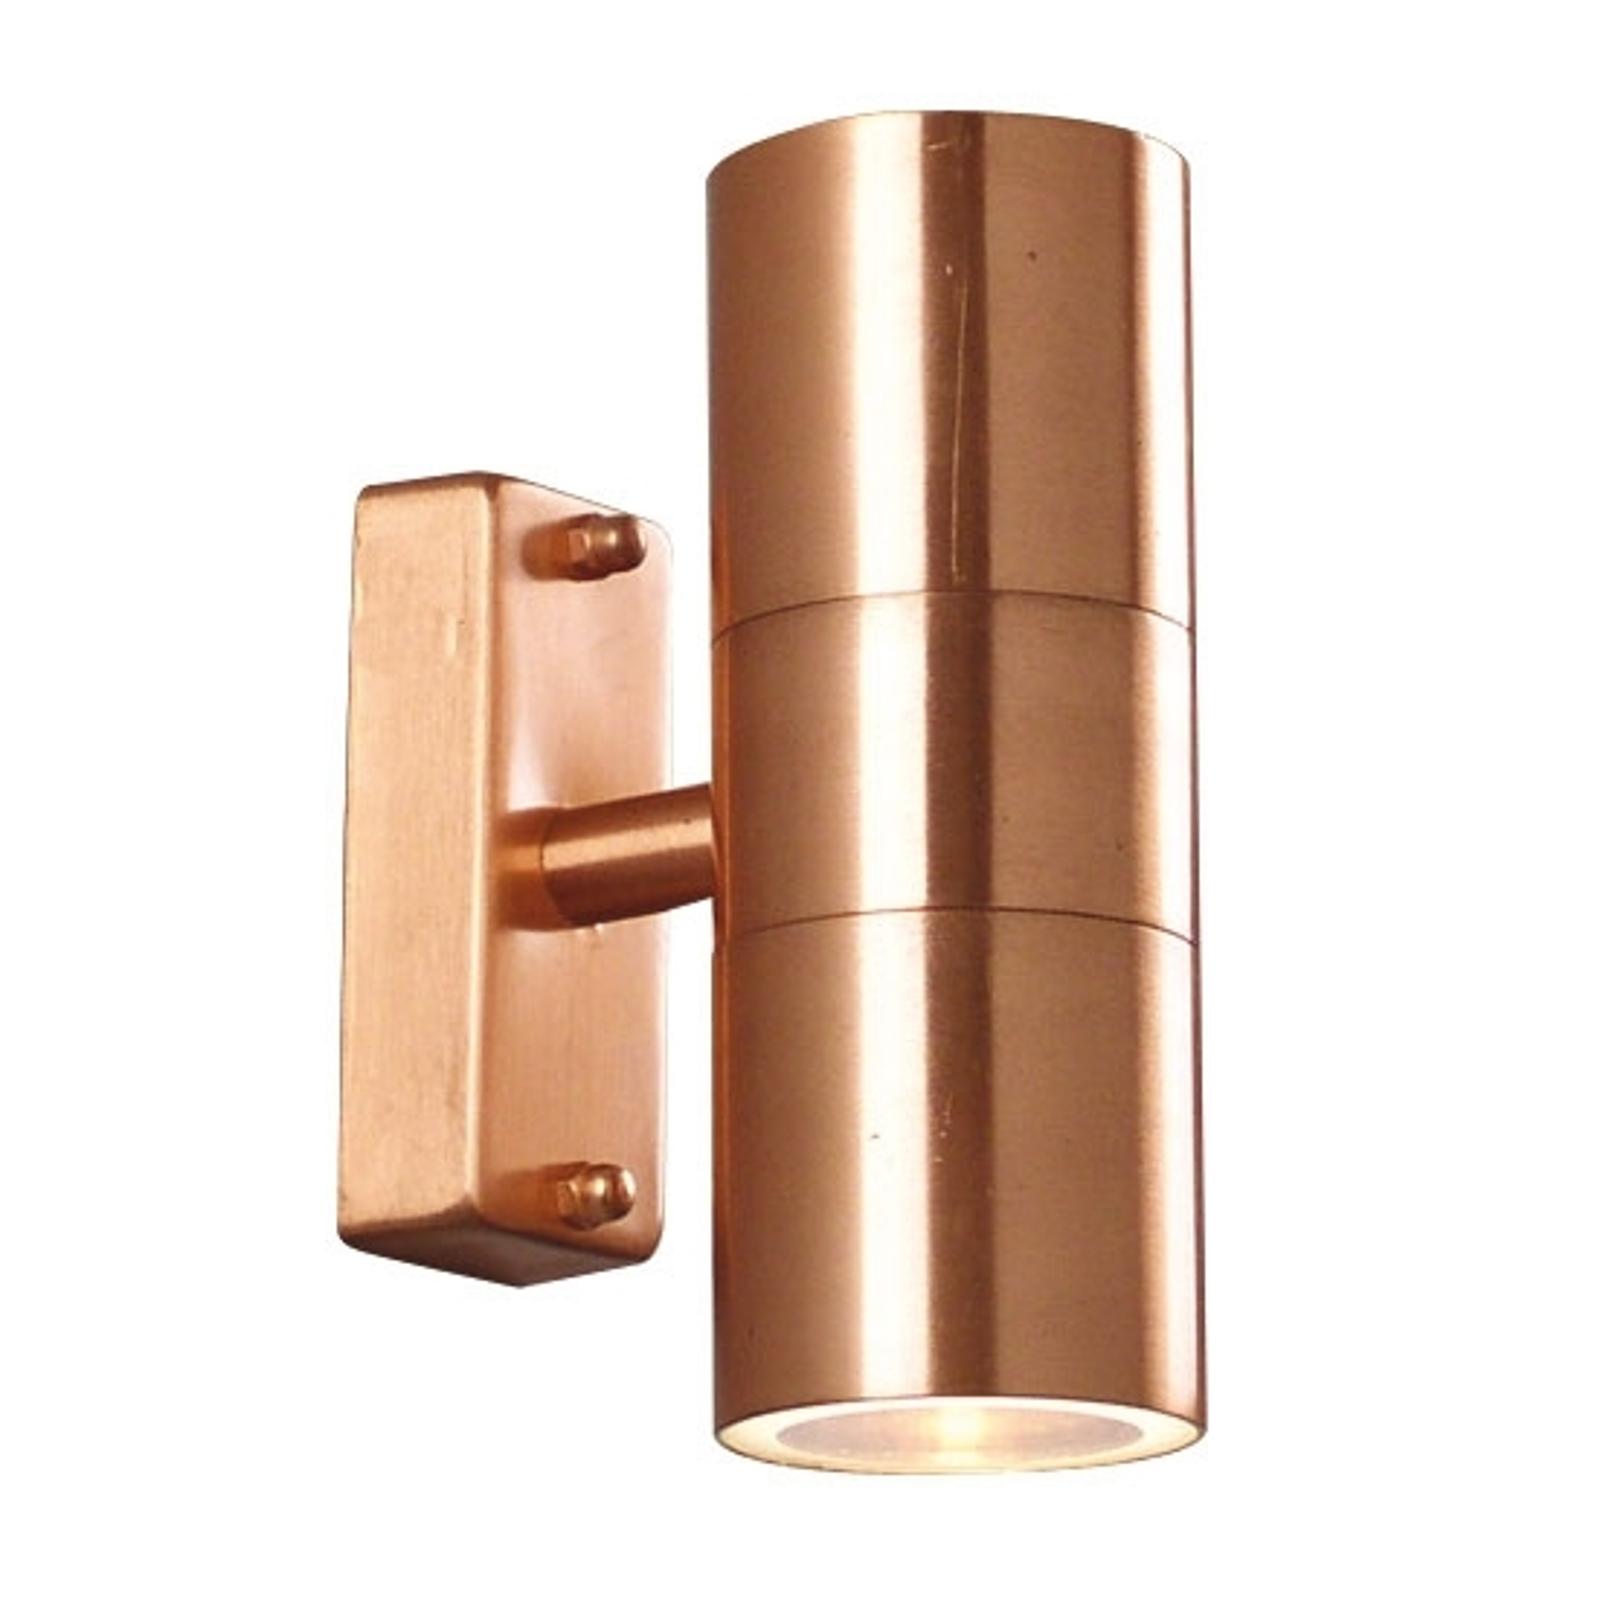 Tin Double Außenwandleuchte aus Kupfer